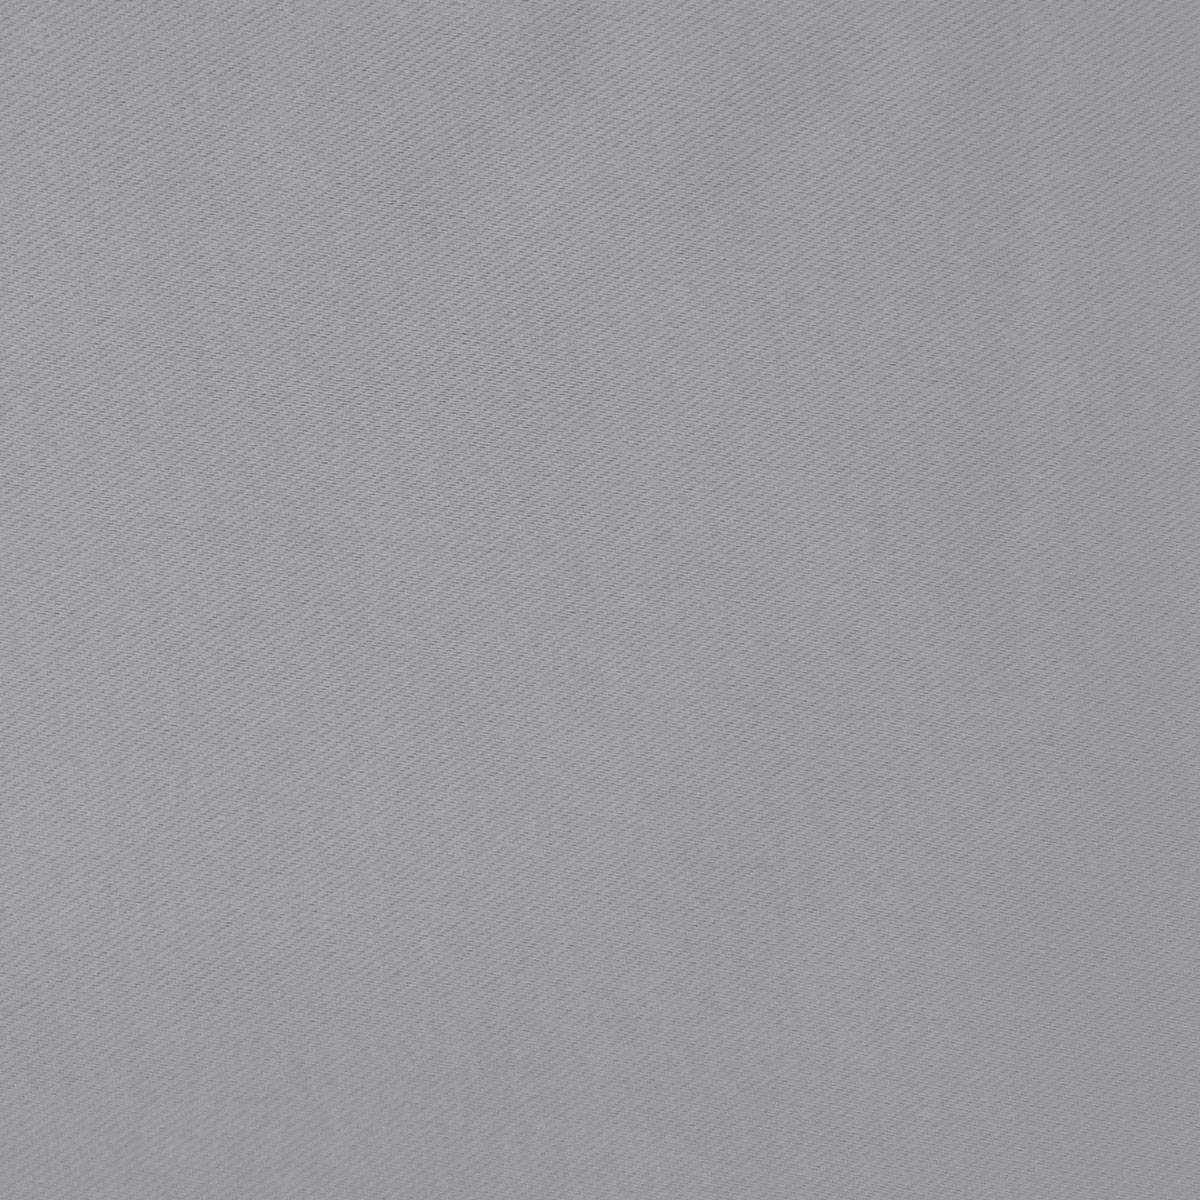 10x10cm detail dimmout-blickdichter vorhang hellviolettgrau nach, Deko ideen